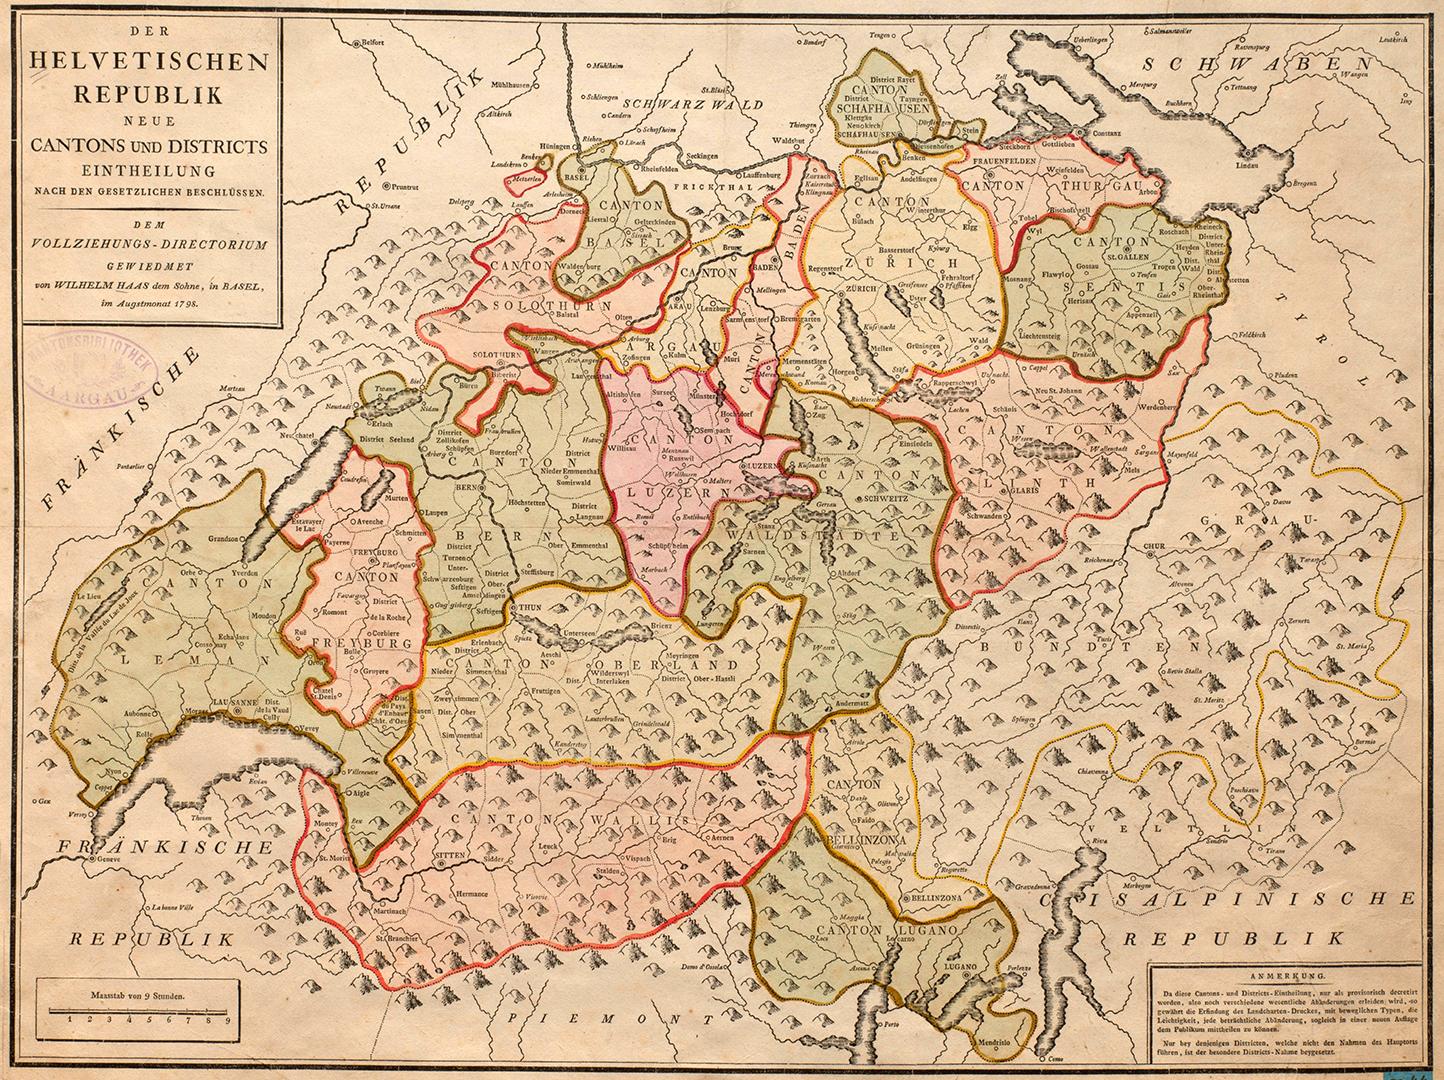 «Der Helvetischen Republik neue Cantons und Districts Eintheilung im Augstmonat 1798».